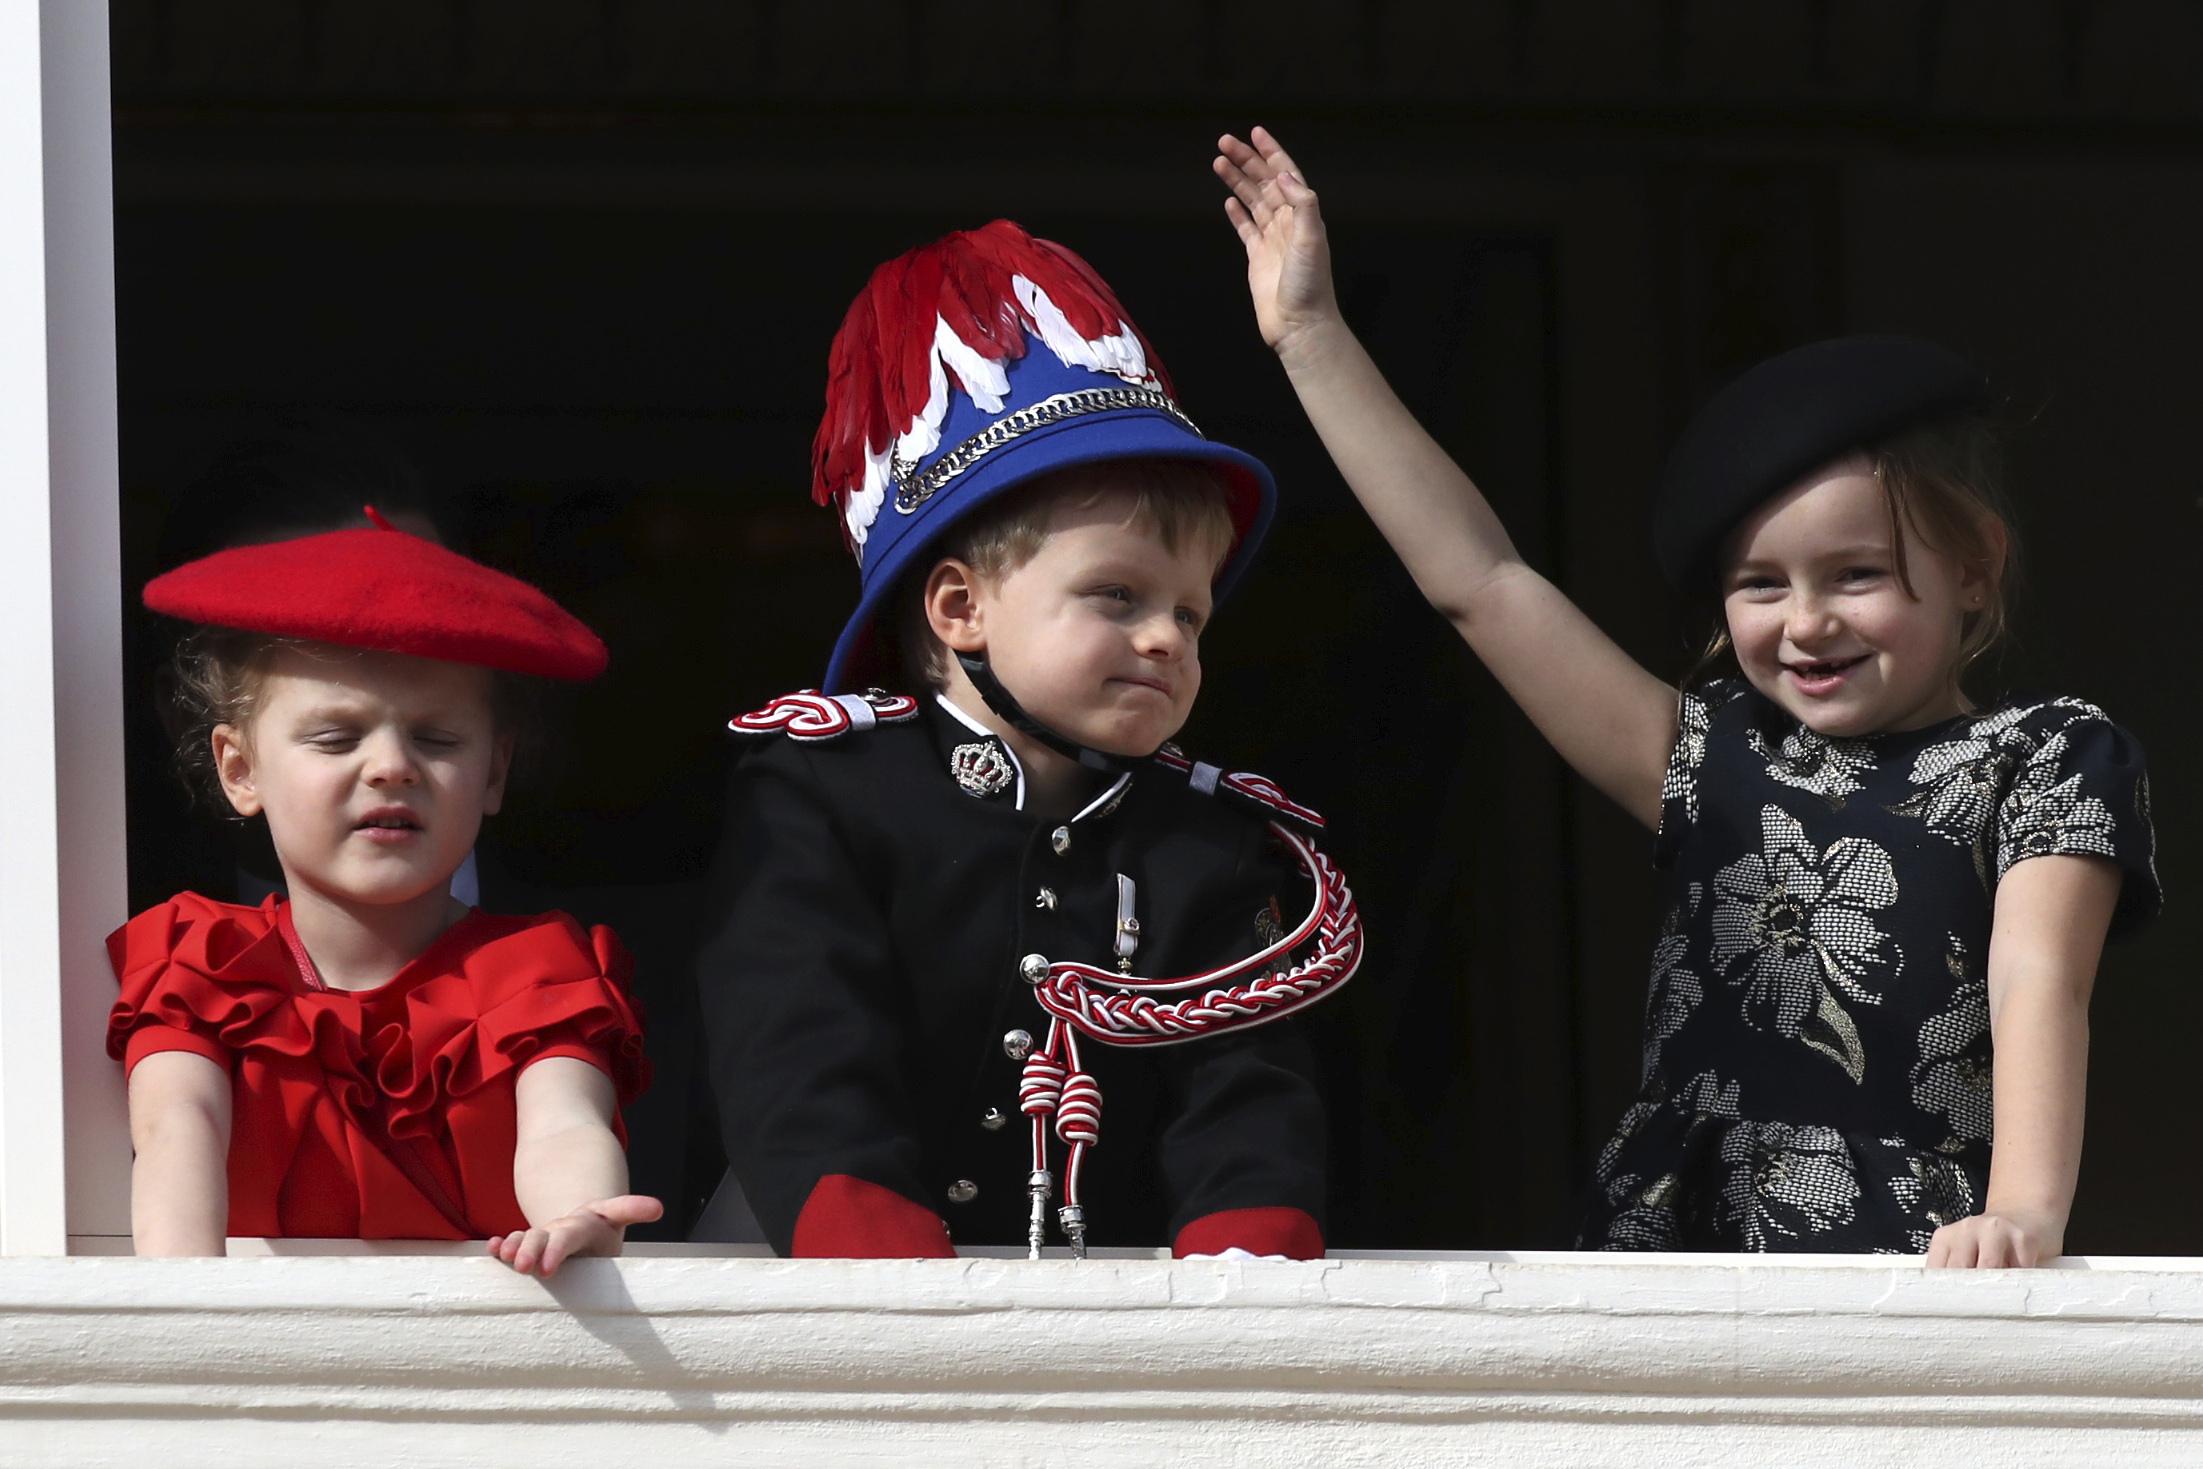 Los más pequeños disfrutaron de la festividad. En la foto, la princesa Gabriella y el príncipe Jacques, hijos del príncipe Albert, acompañados de su prima Kaia-Rose. (AP)